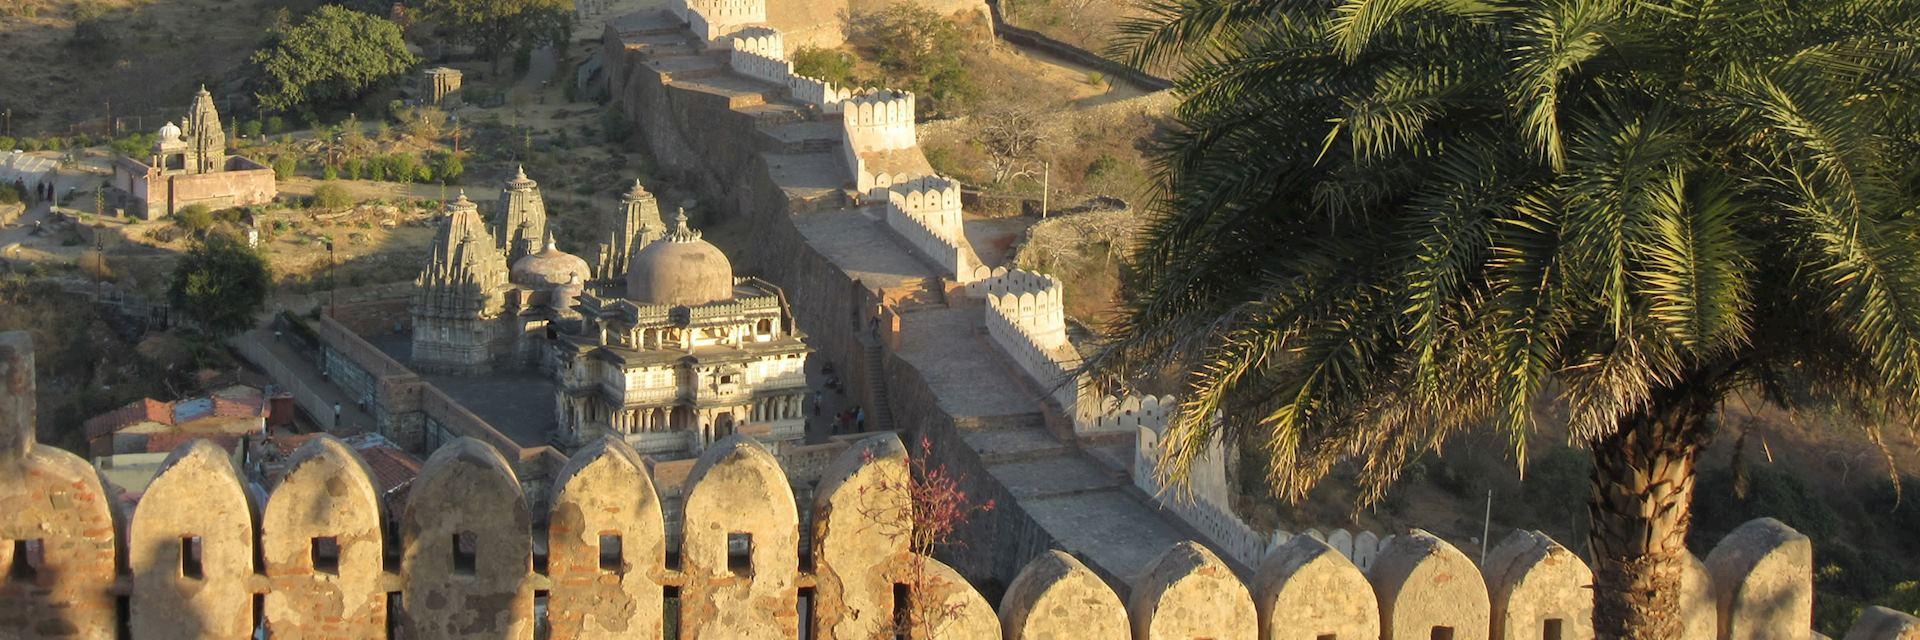 Kumbhalgarh Fortress